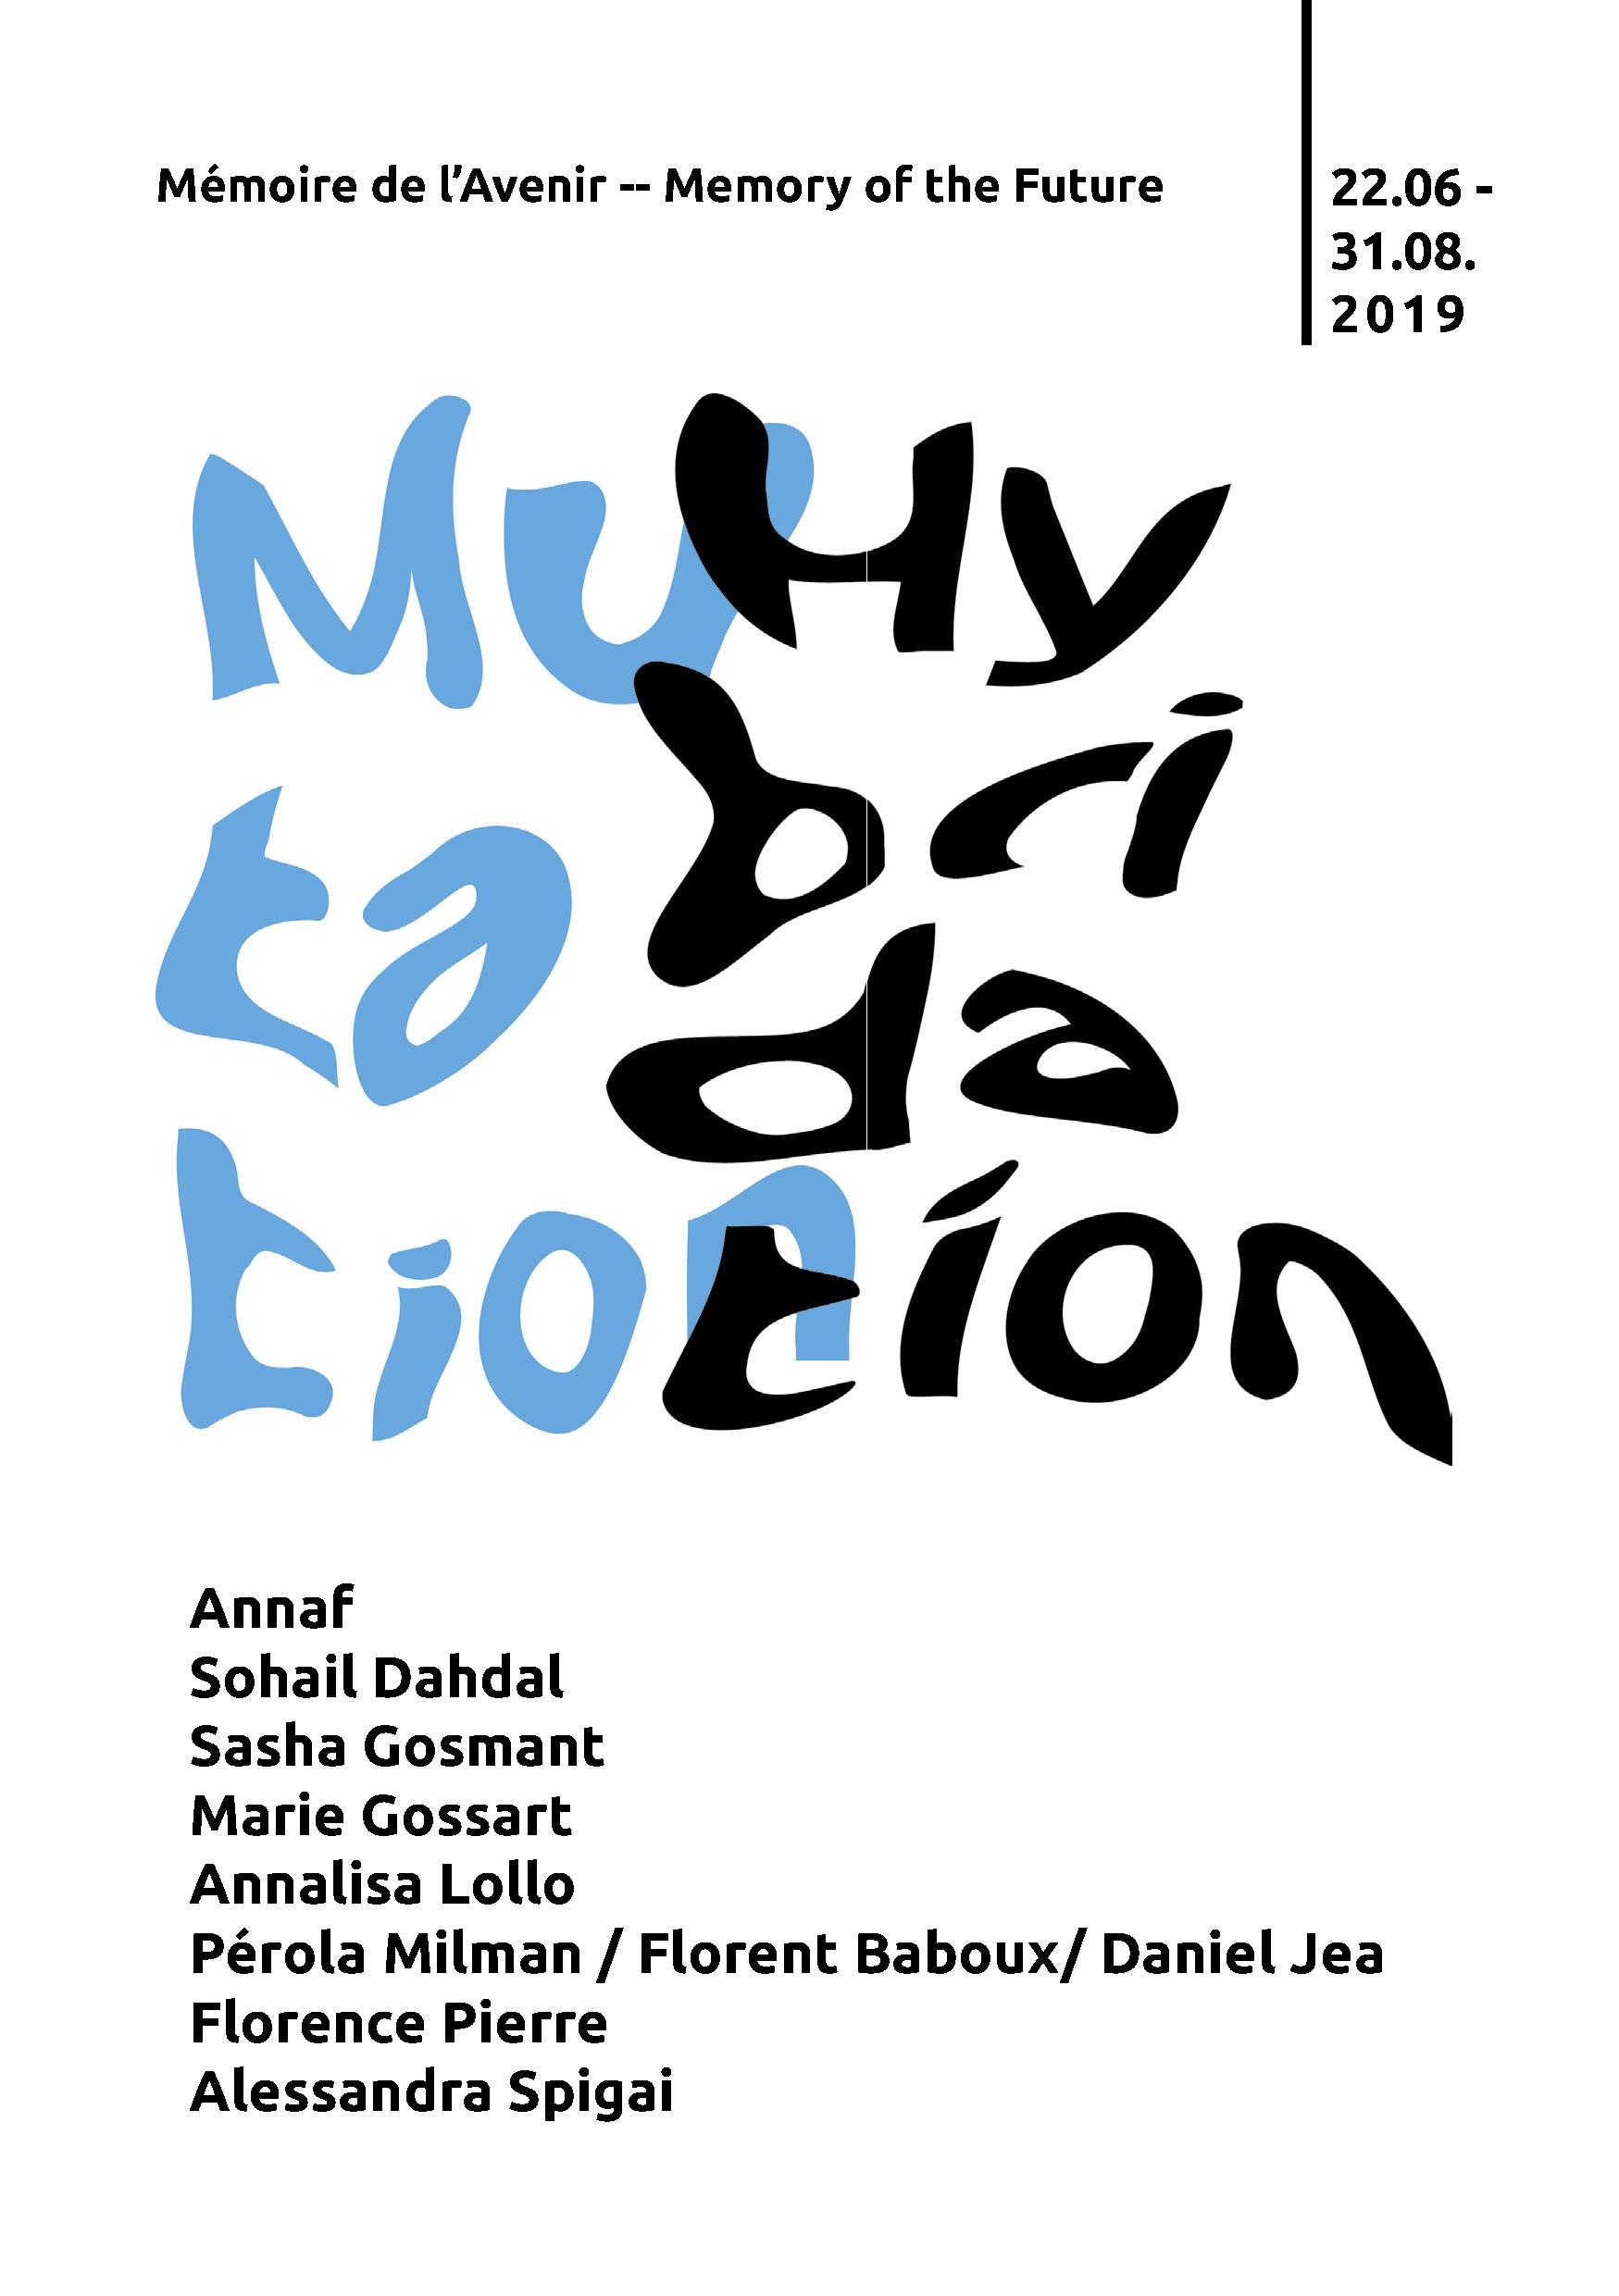 invitation MUTATION HYBRIDATION